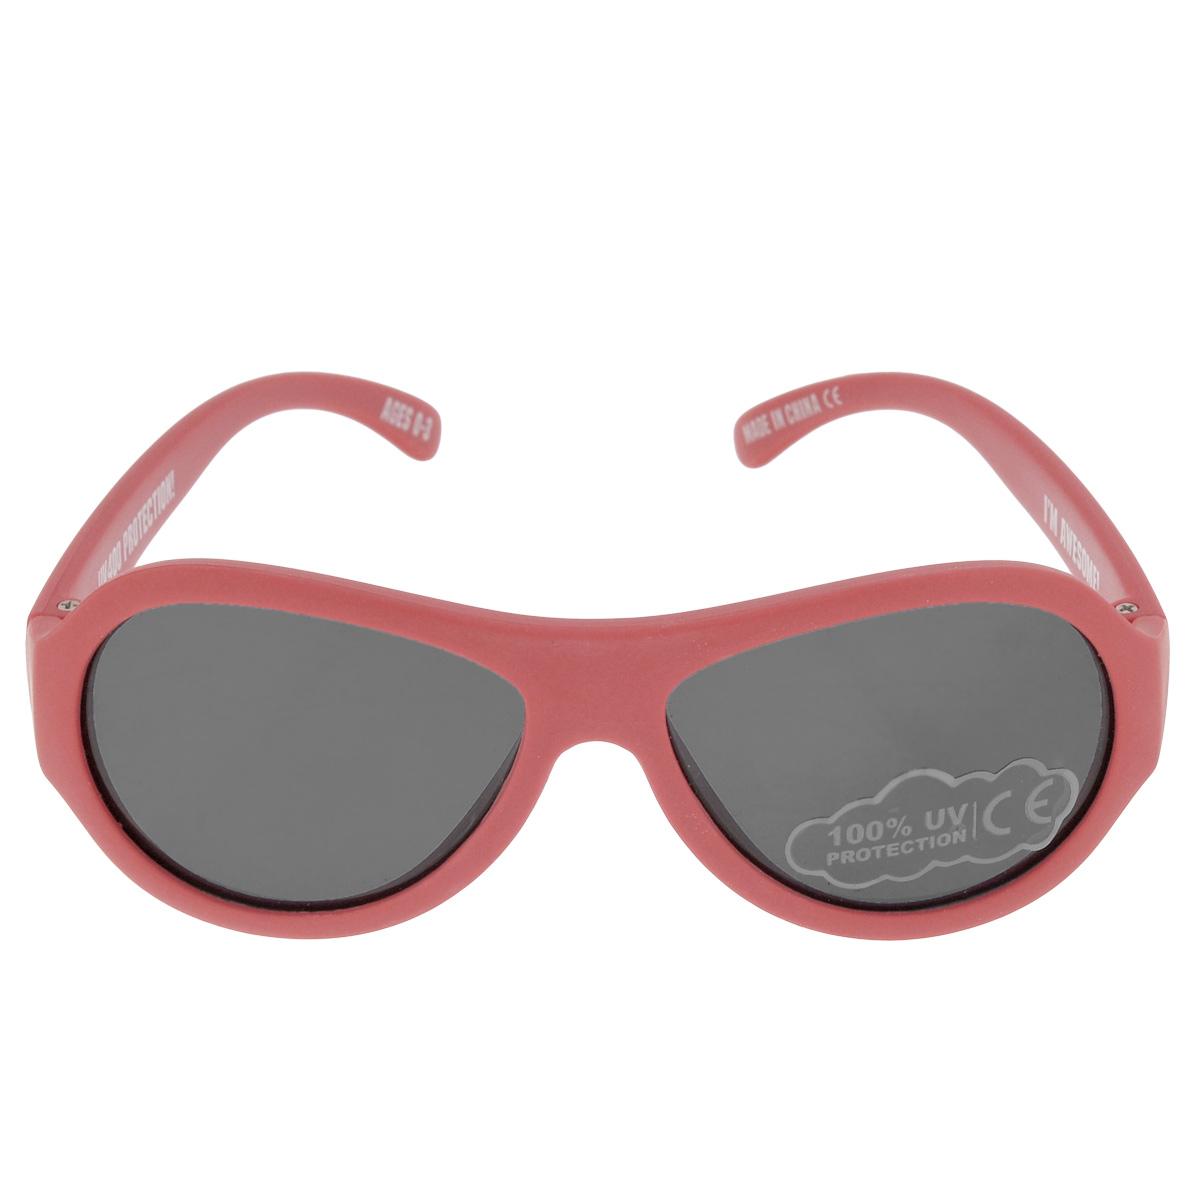 Детские солнцезащитные очки Babiators Рок-звезда (Rockstar), цвет: красный, 0-3 летBAB-003Вы делаете все возможное, чтобы ваши дети были здоровы и в безопасности. Шлемы для езды на велосипеде, солнцезащитный крем для прогулок на солнце... Но как насчёт влияния солнца на глаза вашего ребёнка? Правда в том, что сетчатка глаза у детей развивается вместе с самим ребёнком. Это означает, что глаза малышей не могут отфильтровать УФ-излучение. Проблема понятна - детям нужна настоящая защита, чтобы глазки были в безопасности, а зрение сильным. Каждая пара солнцезащитных очков Babiators для детей обеспечивает 100% защиту от UVA и UVB. Прочные линзы высшего качества не подведут в самых сложных переделках. В отличие от обычных пластиковых очков, оправа Babiators выполнена из гибкого прорезиненного материала, что делает их ударопрочными, их можно сгибать и крутить - они не сломаются и вернутся в прежнюю форму. Не бойтесь, что ребёнок сядет на них - они всё выдержат. Будьте уверены, что очки Babiators созданы безопасными, прочными и классными, так что вы и ваш ребенок можете...